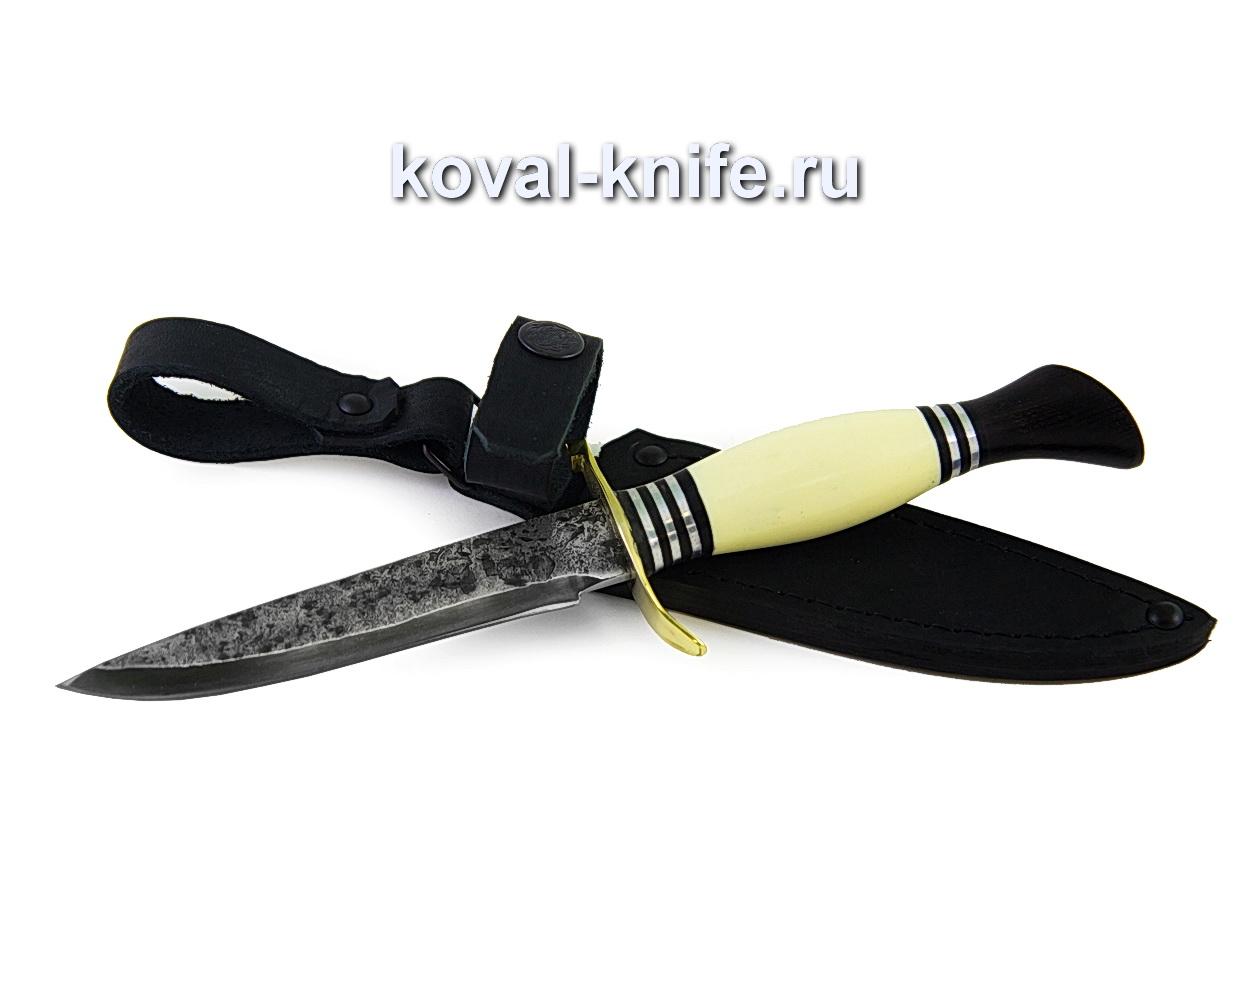 Нож Финка НКВД из кованой стали 9хс (рукоять пластик, граб)